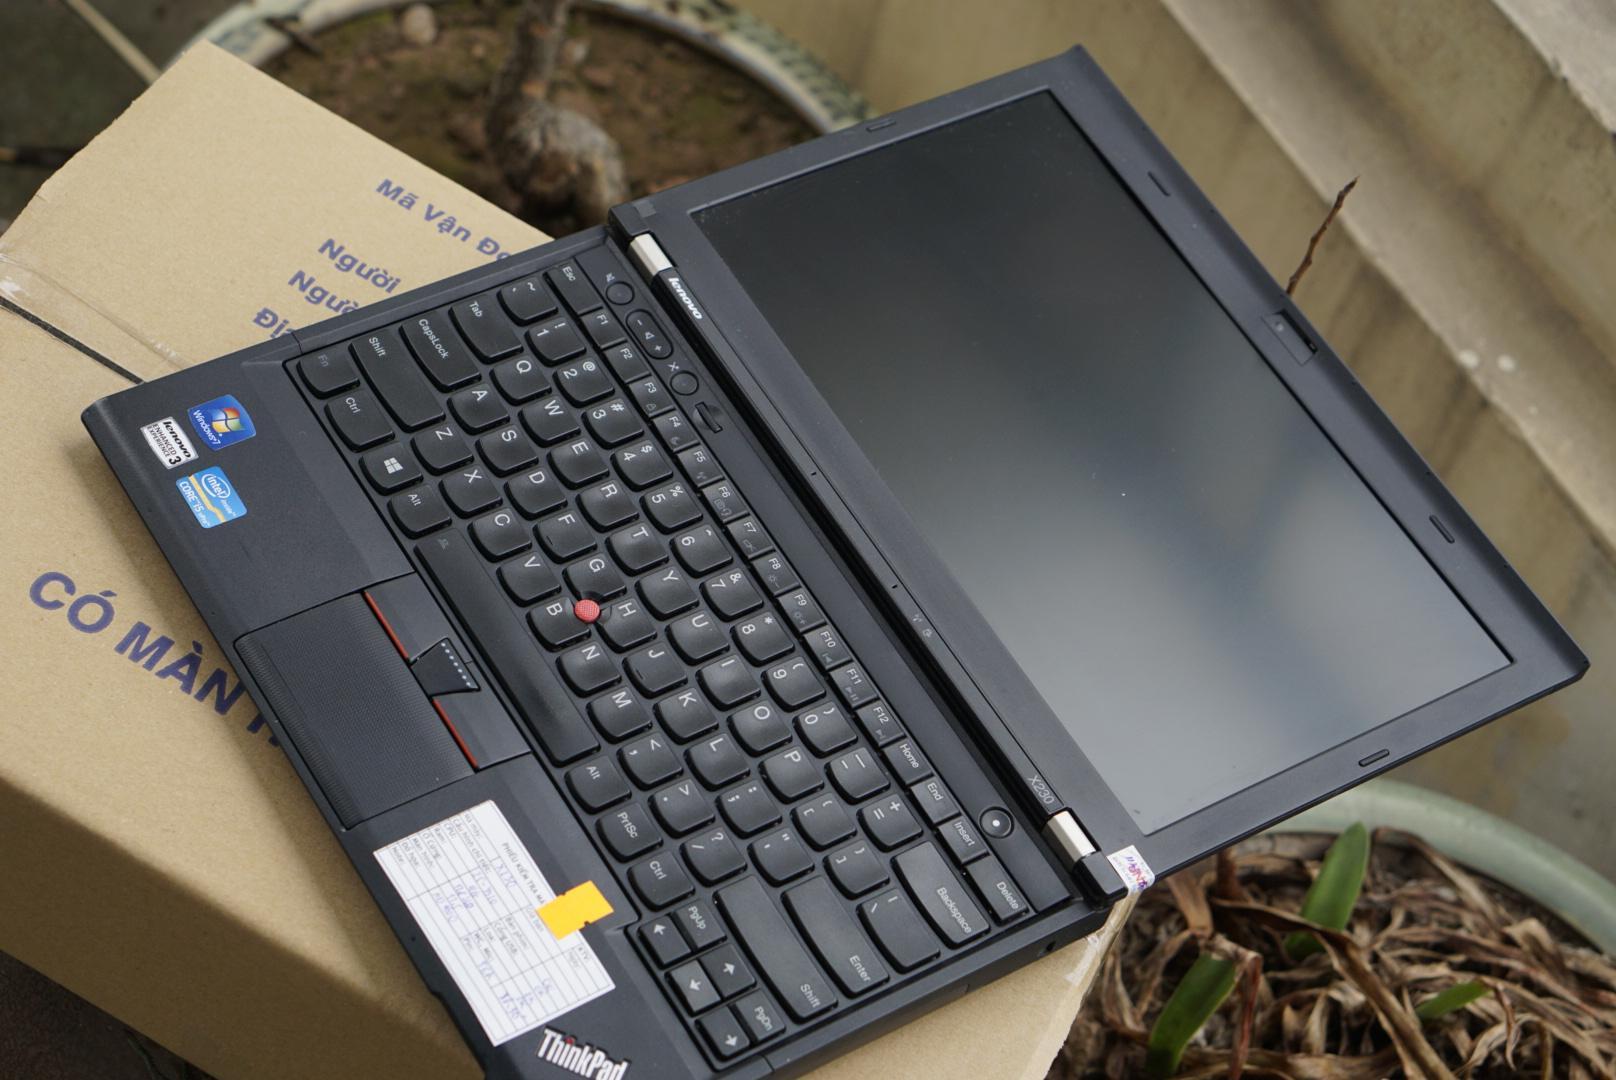 Hình ảnh Ơn Giời Cậu Đây Rồi- Siêu Mỏng Nhẹ- Siêu Di động- Lenovo ThinkPad X230 Core i3 3120M/ Đèn Nền/ 1,4kG